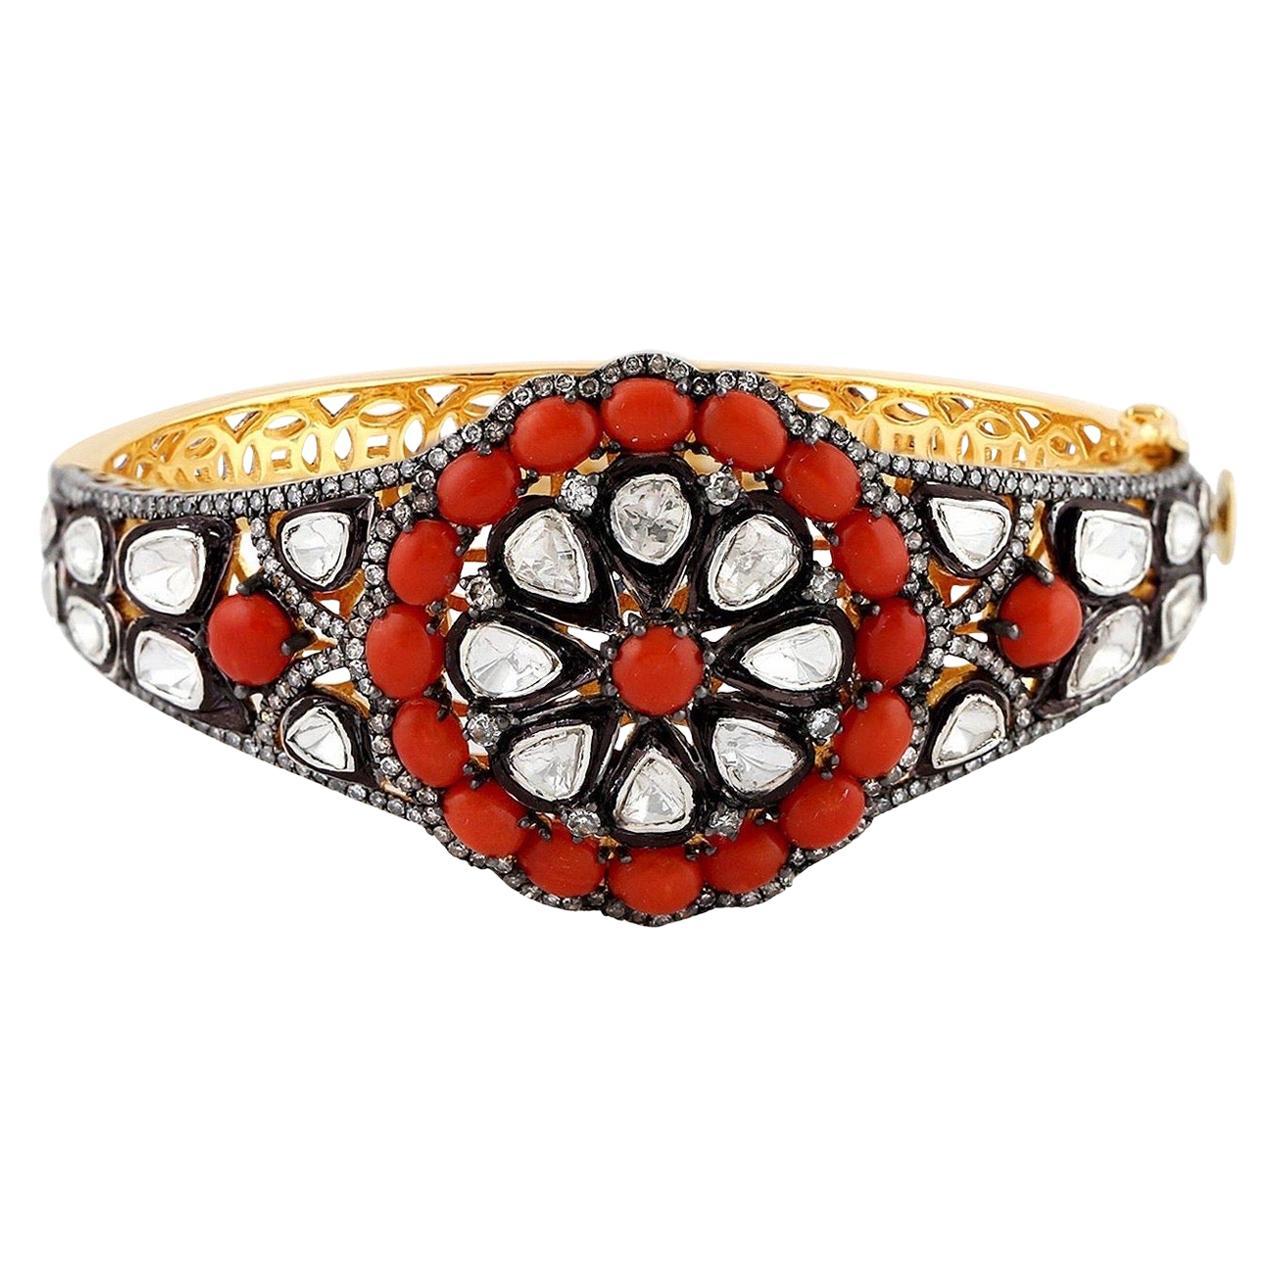 Coral Rose Cut Diamond Bracelet Cuff